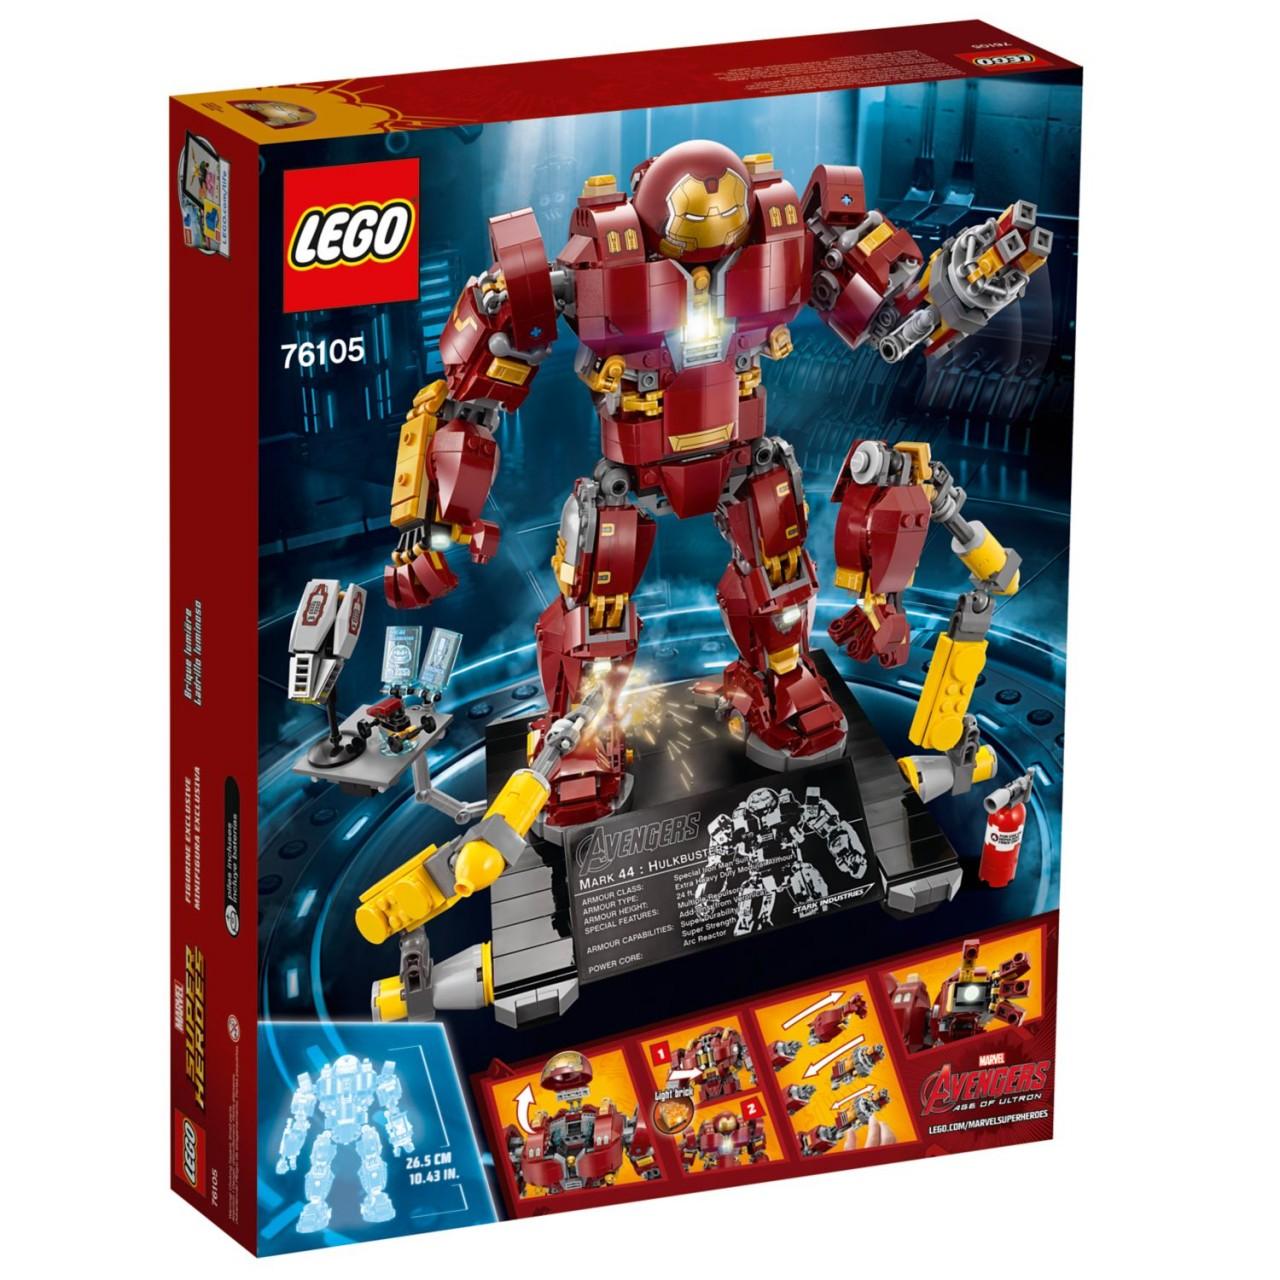 LEGO MARVEL SUPER HEROES 76105 Der Hulkbuster: Ultron Edition